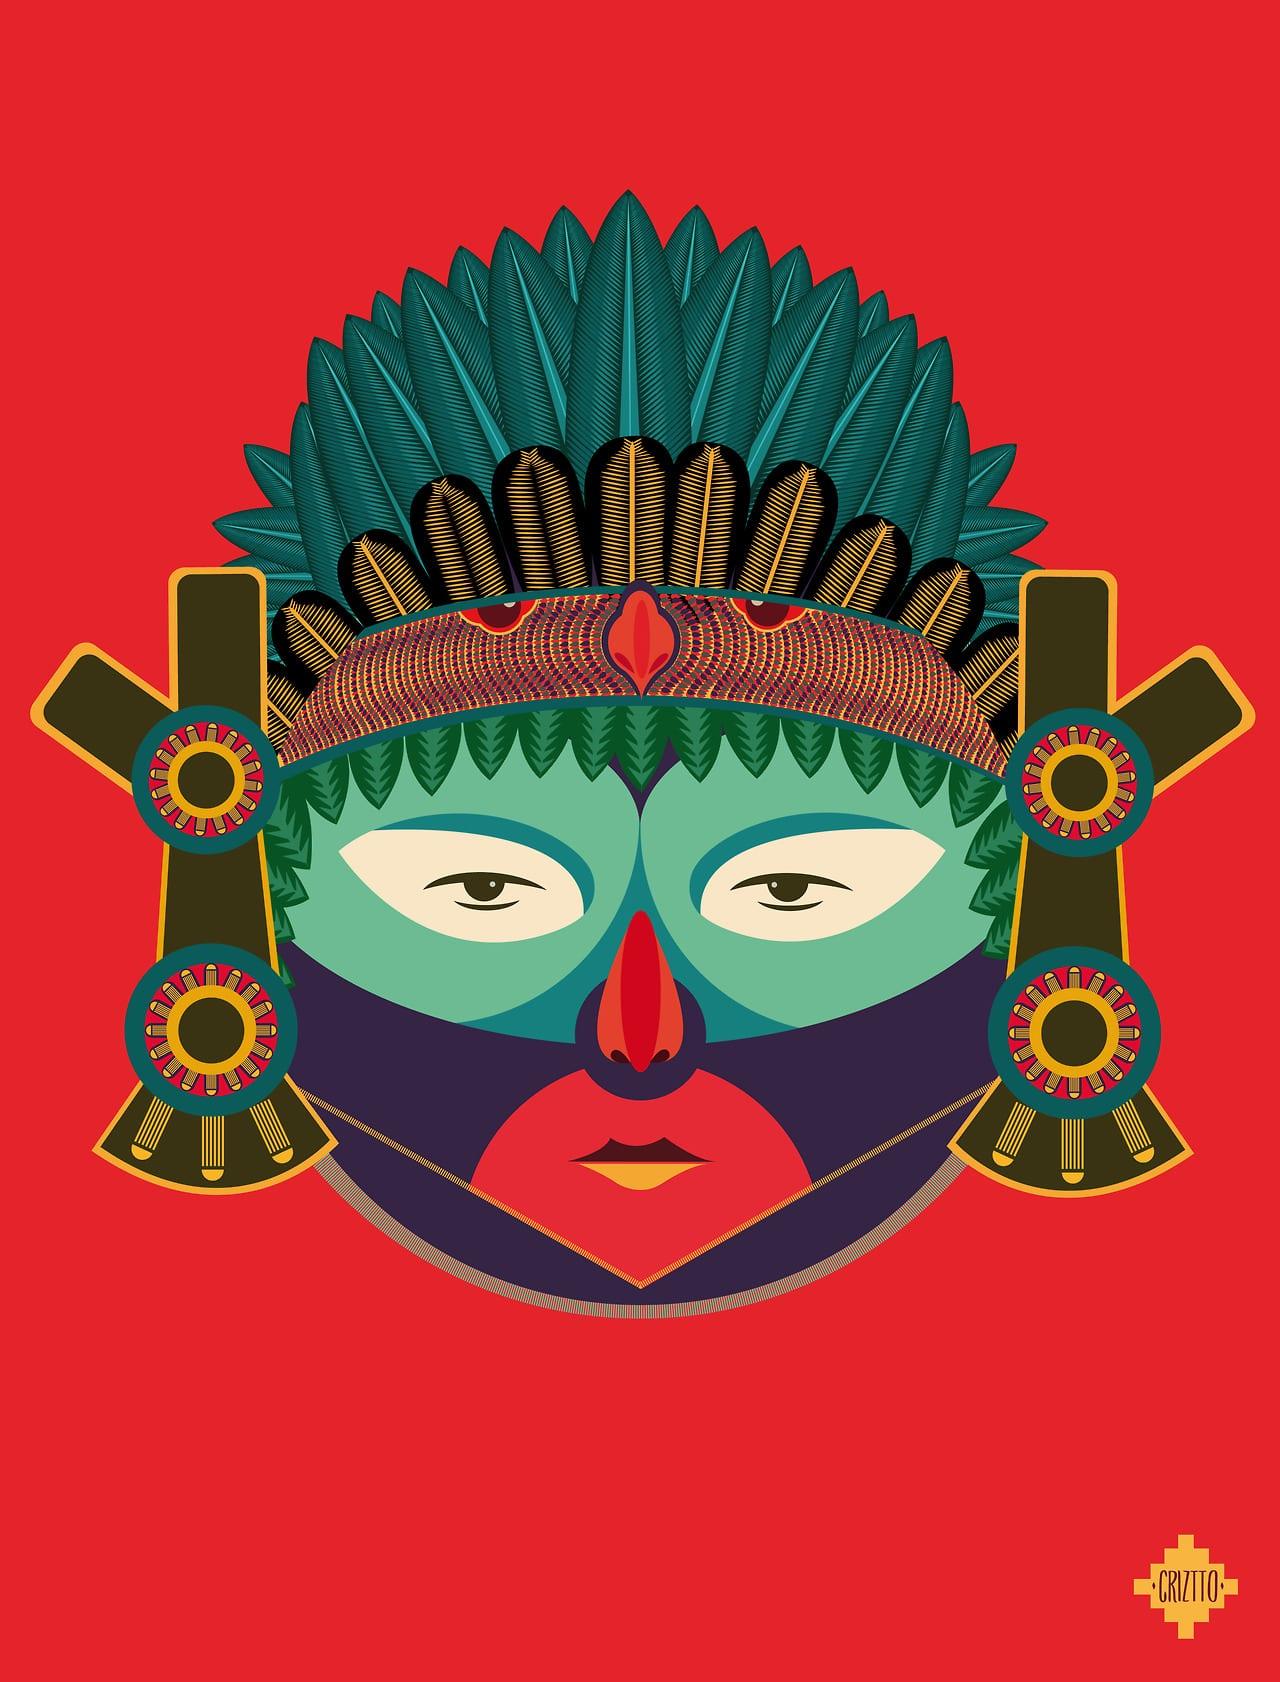 Azteca Mexiko - Indiáni všetkých krajín, spojte sa – ilustrácie domorodých kmeňov